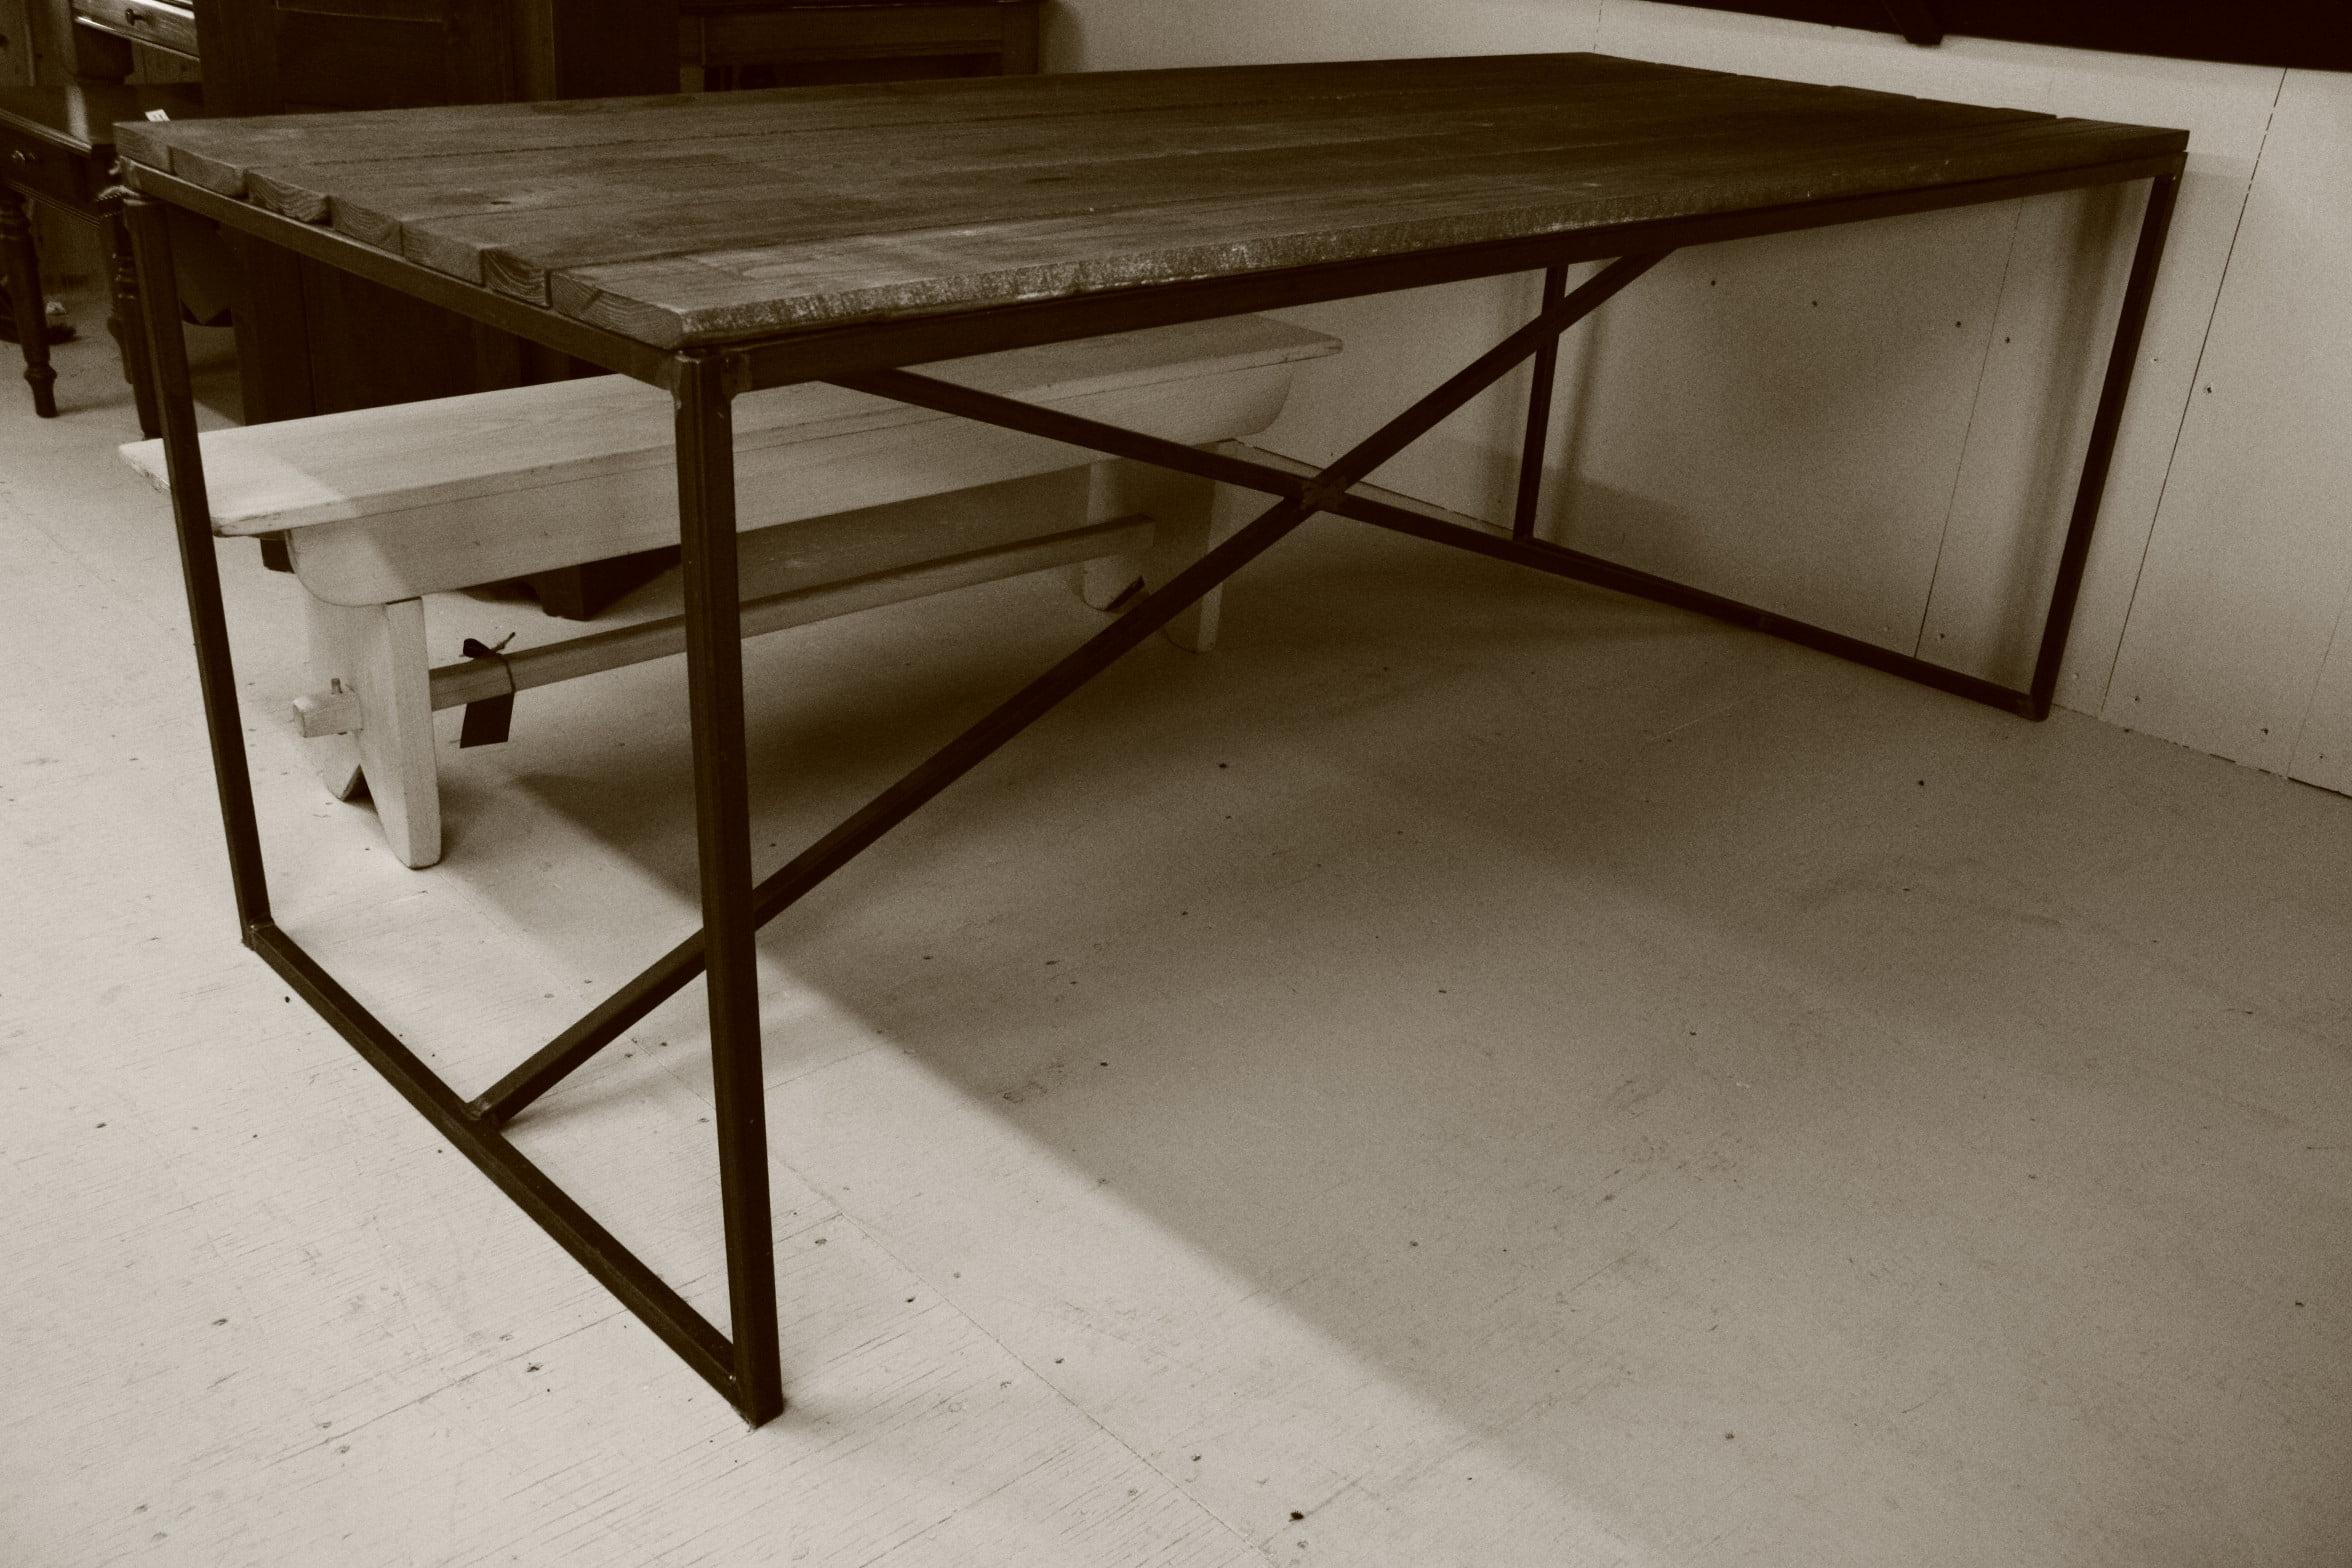 Table L'Industriel en X